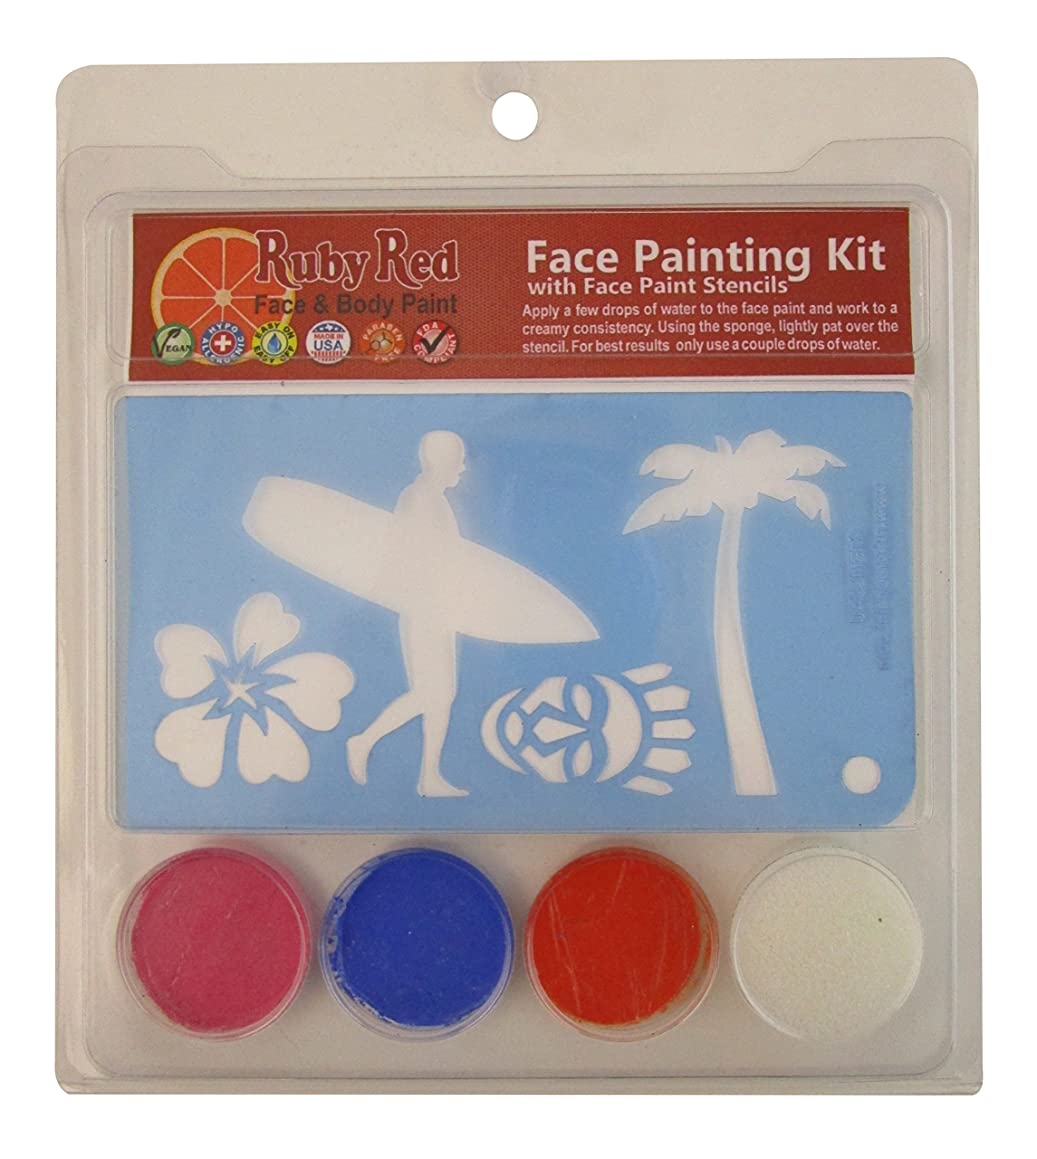 Ruby Red Paint Face Paint, 2ML X 3 Colors - Luau Stencil Set